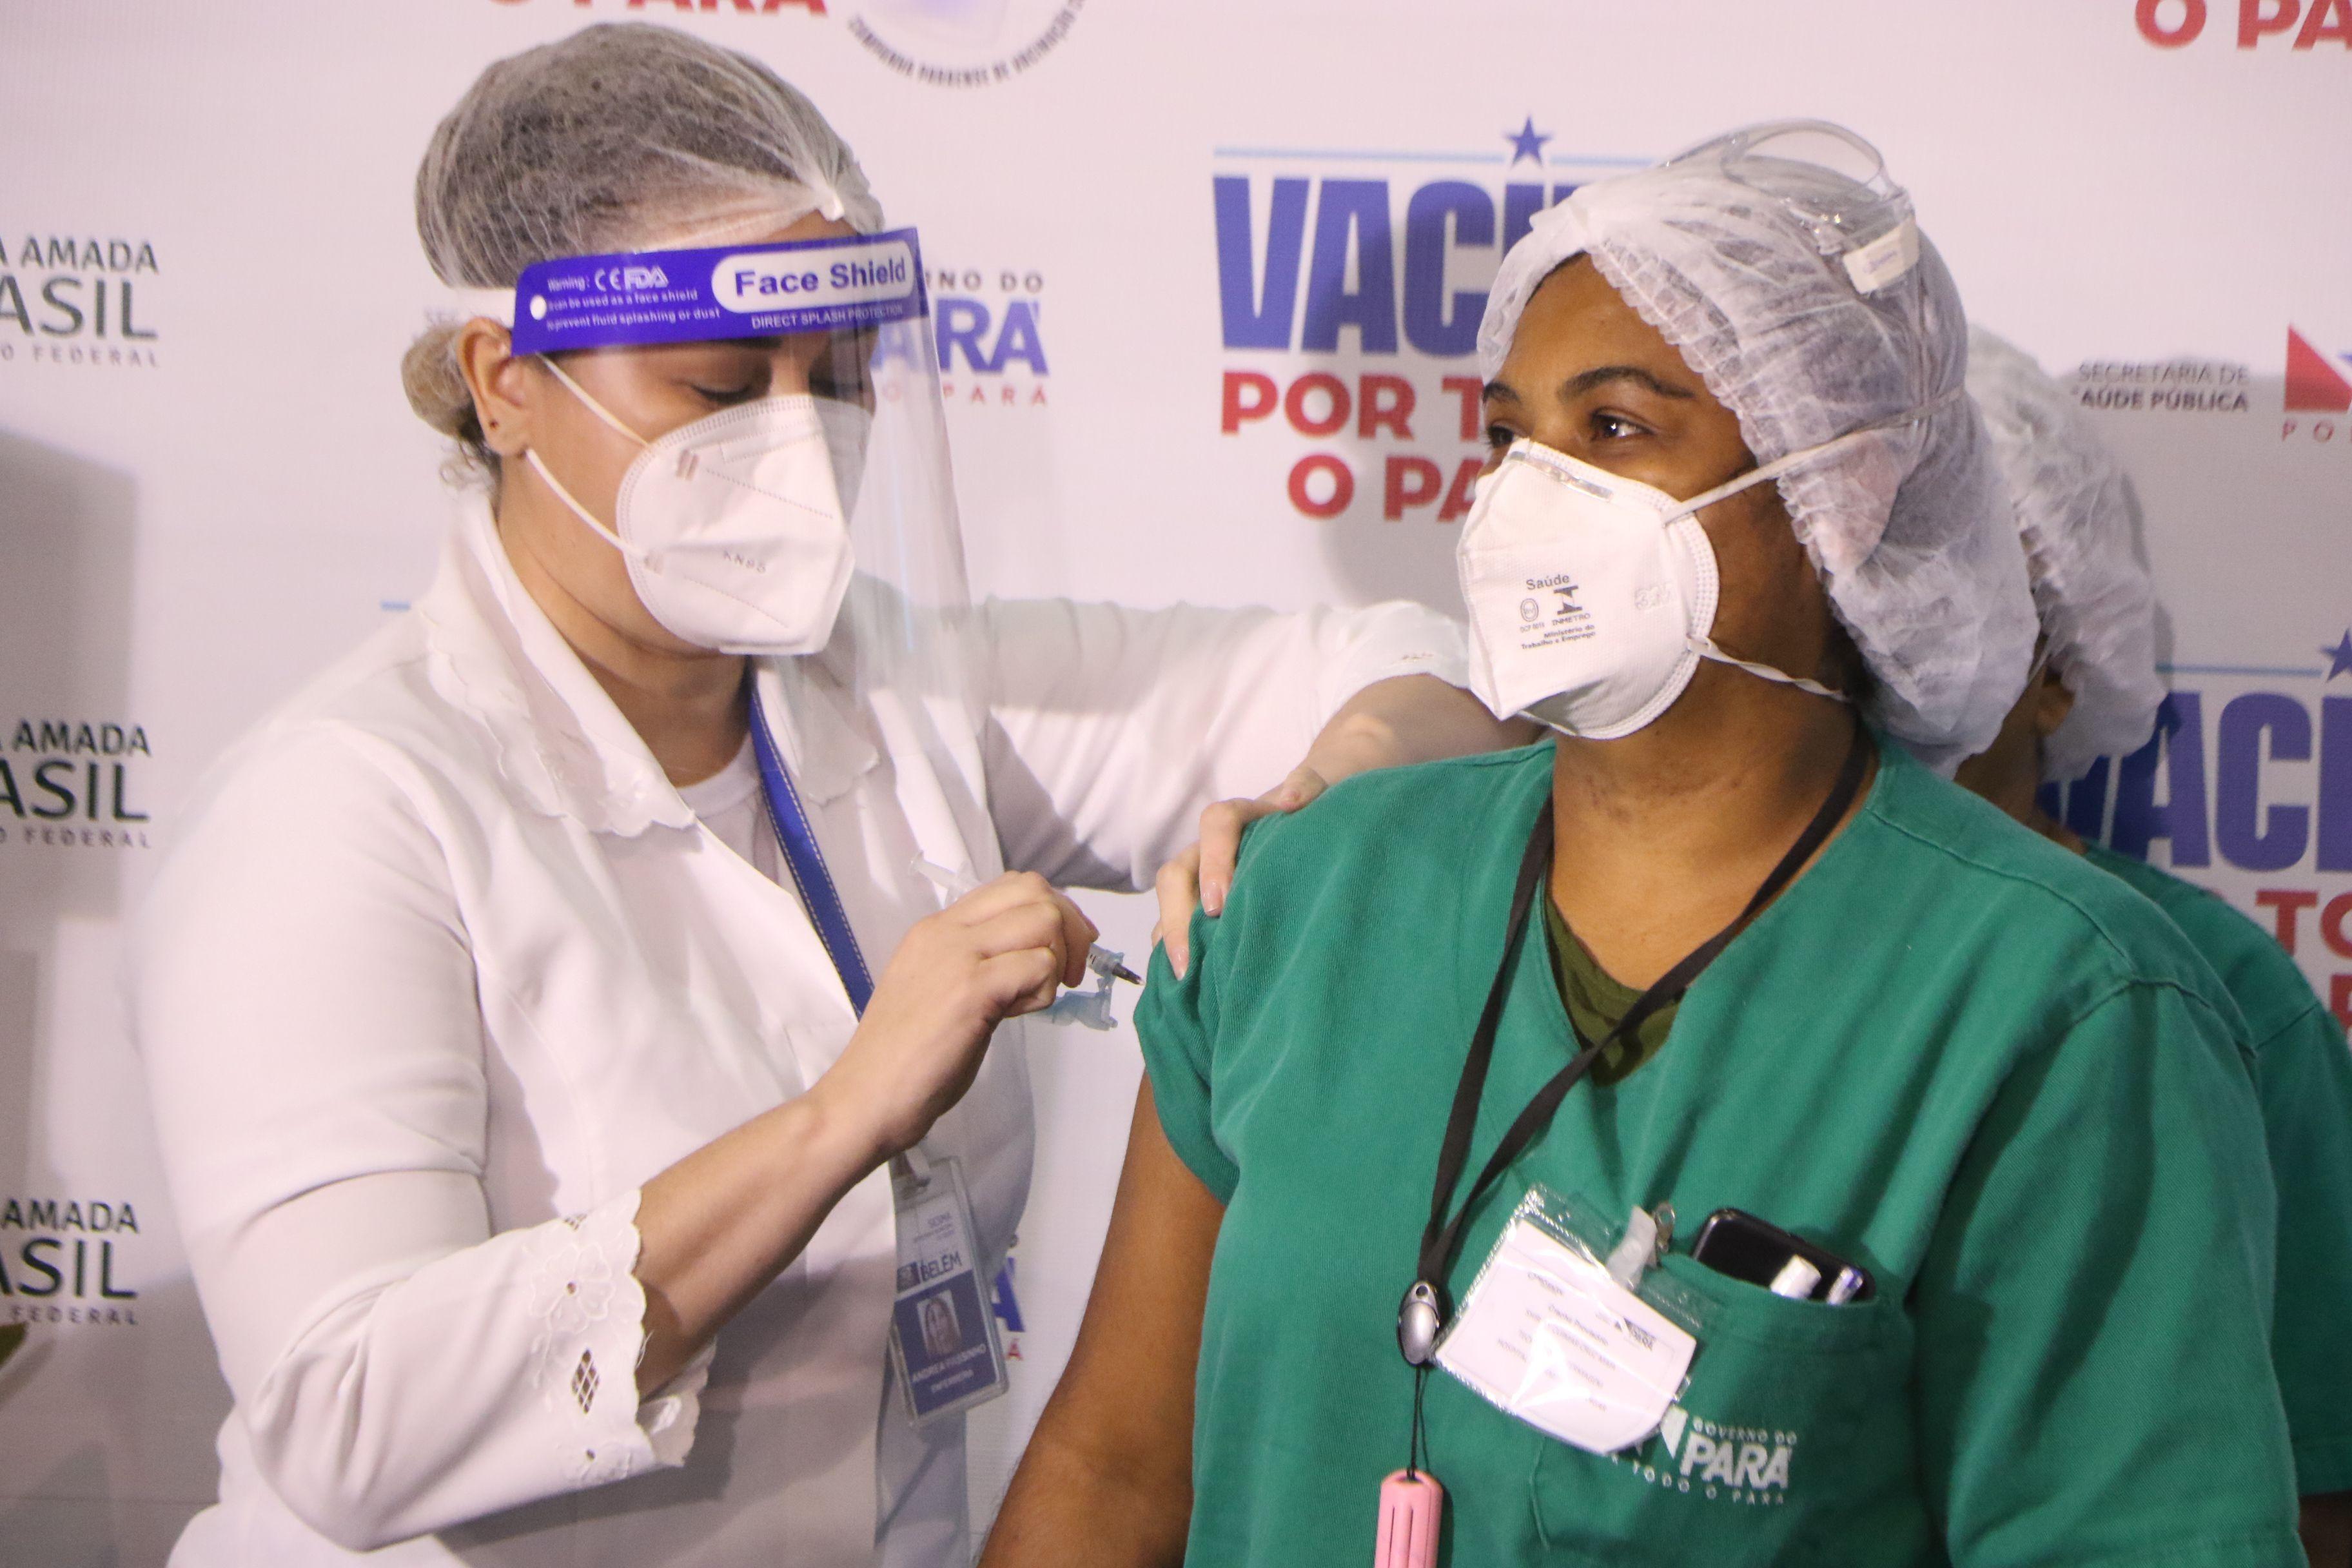 Vacina contra Covid-19 em Belém: veja quem pode ser vacinado hoje e o que fazer